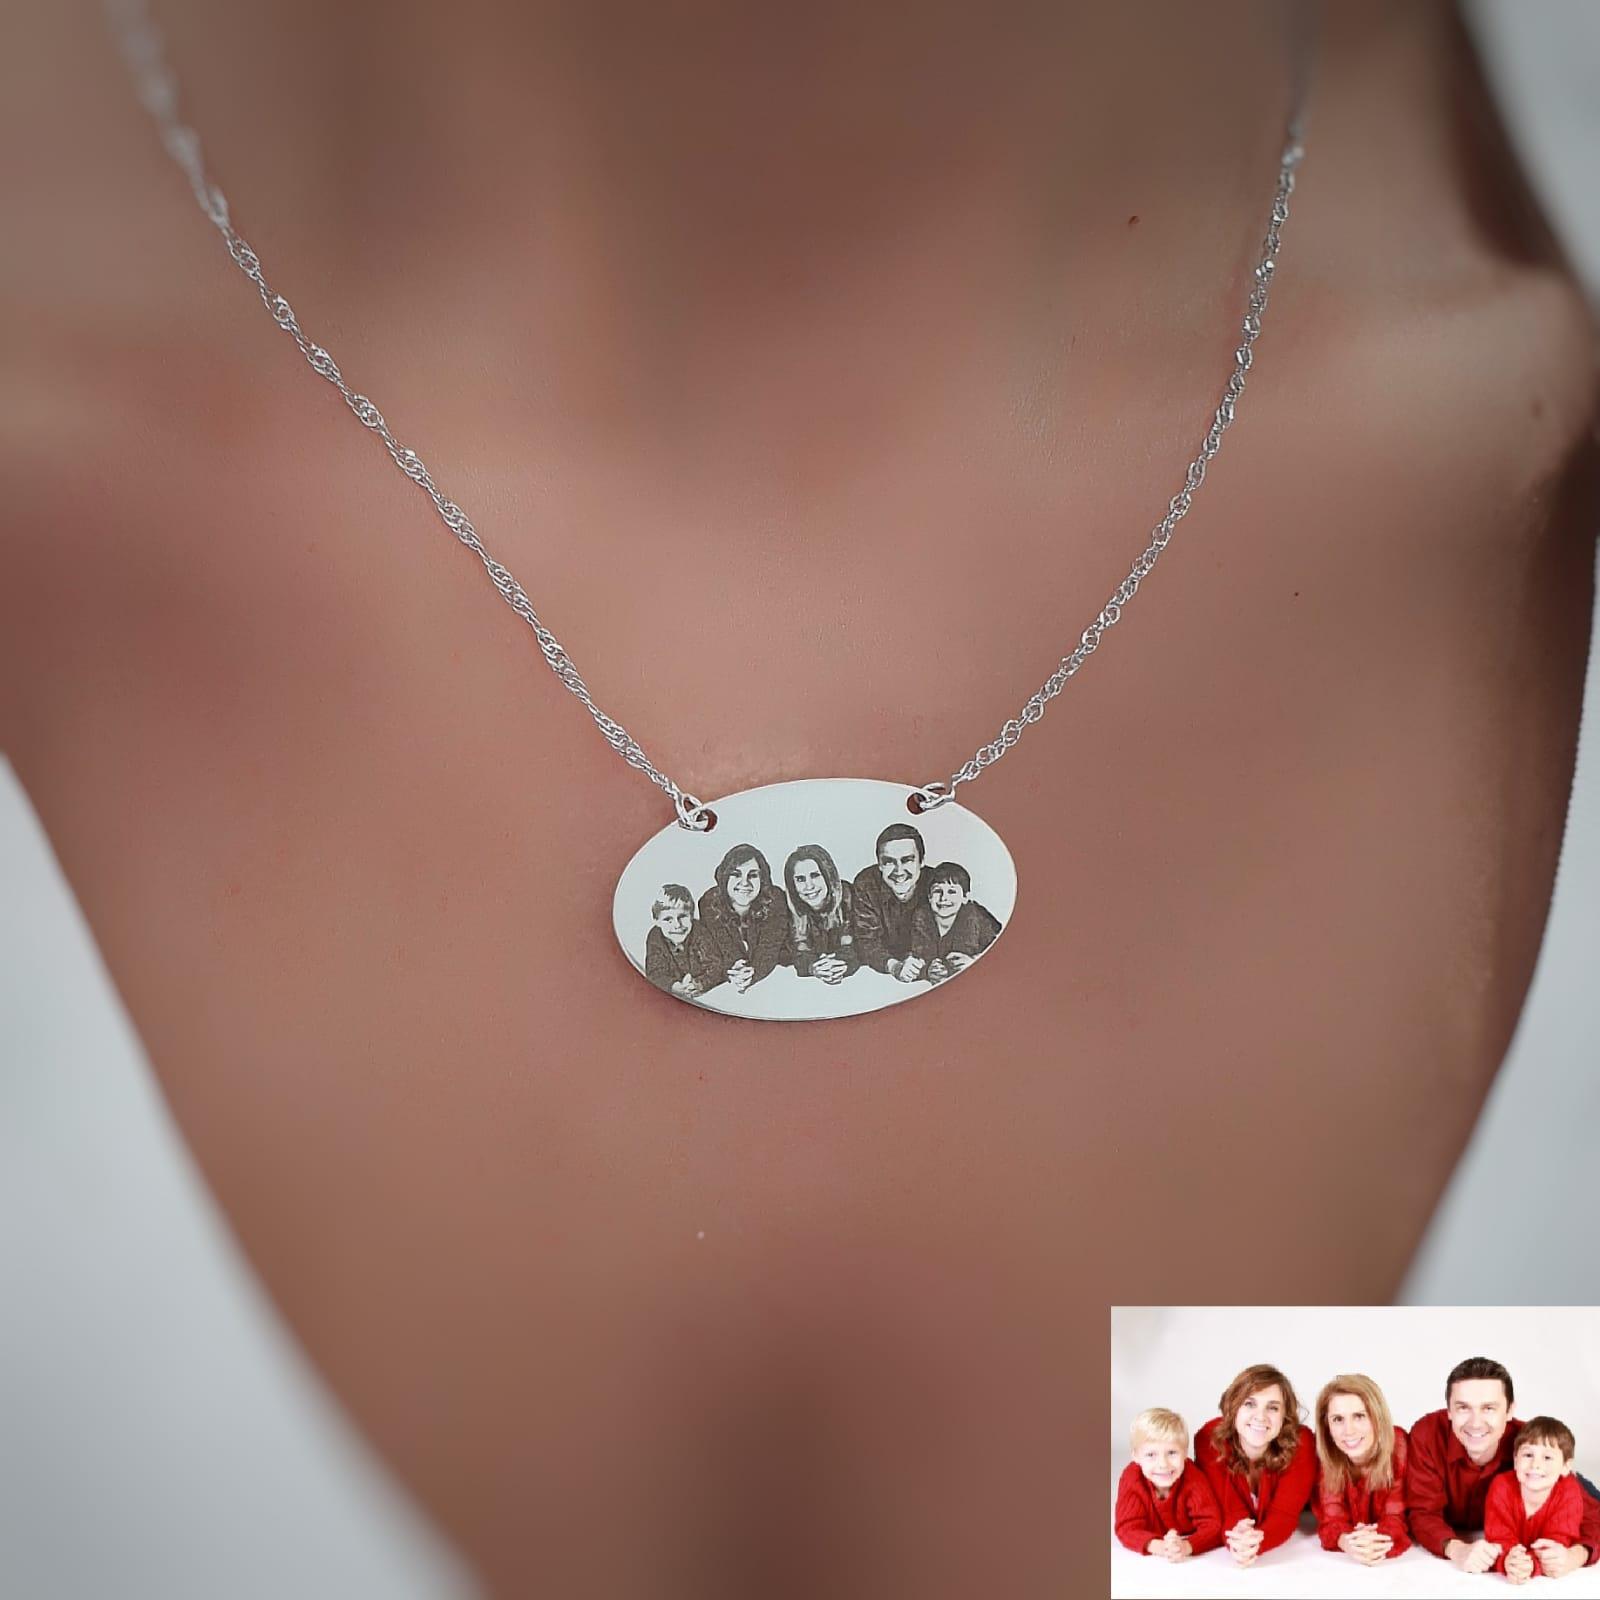 שרשרת אליפסה גולדפילד / כסף 925 חריטת תמונה